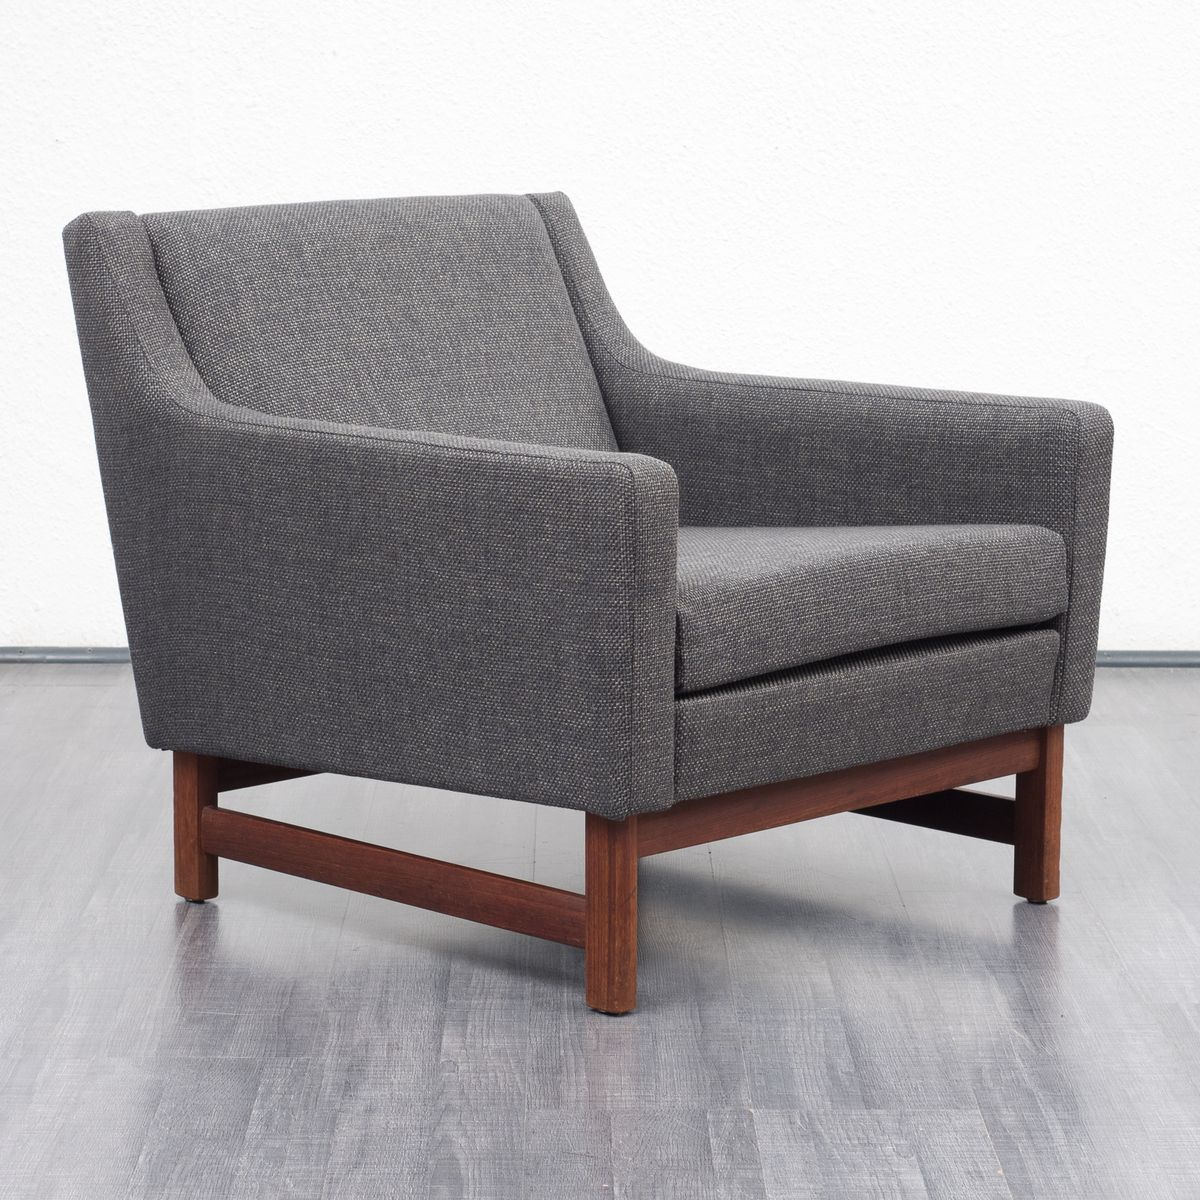 grauer vintage sessel 1960er bei pamono kaufen. Black Bedroom Furniture Sets. Home Design Ideas